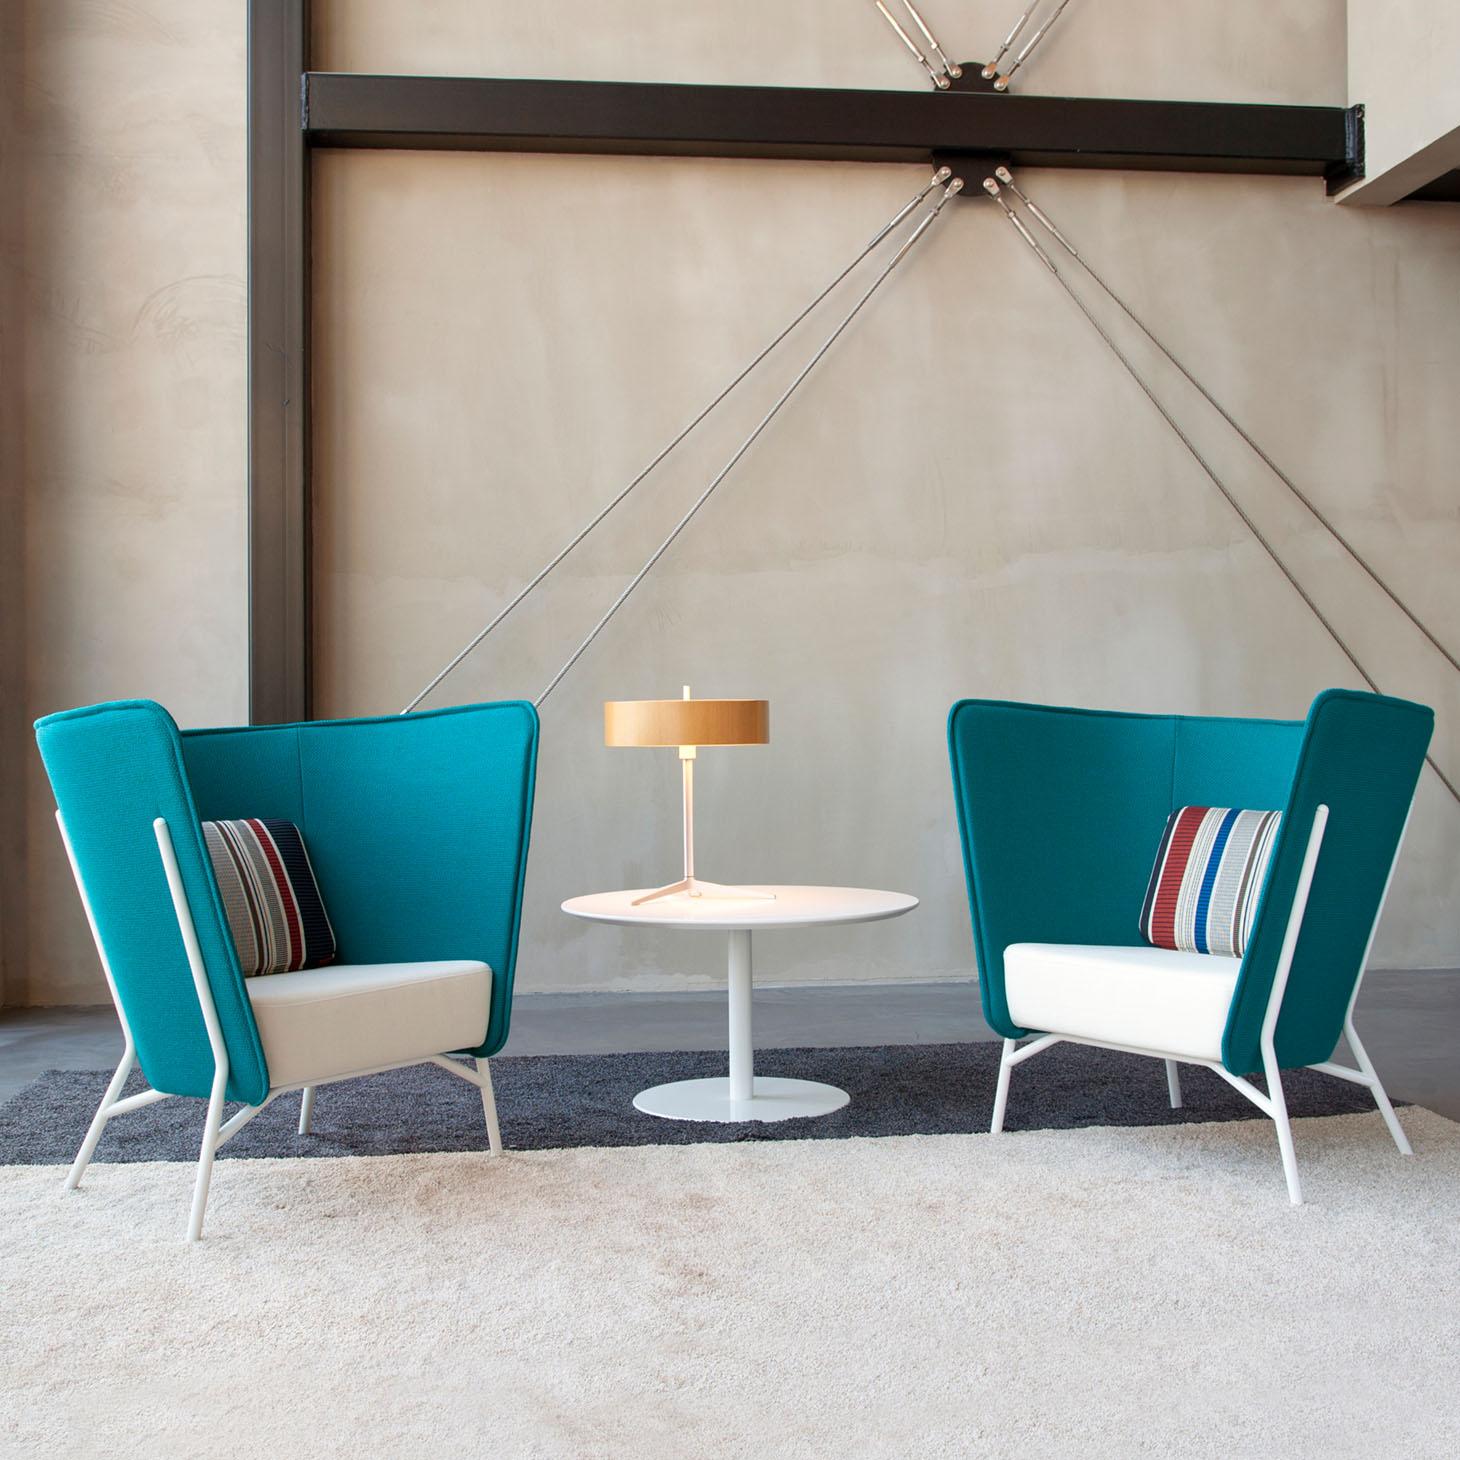 Aura Chair by Mikko Laakkonen for Inno.